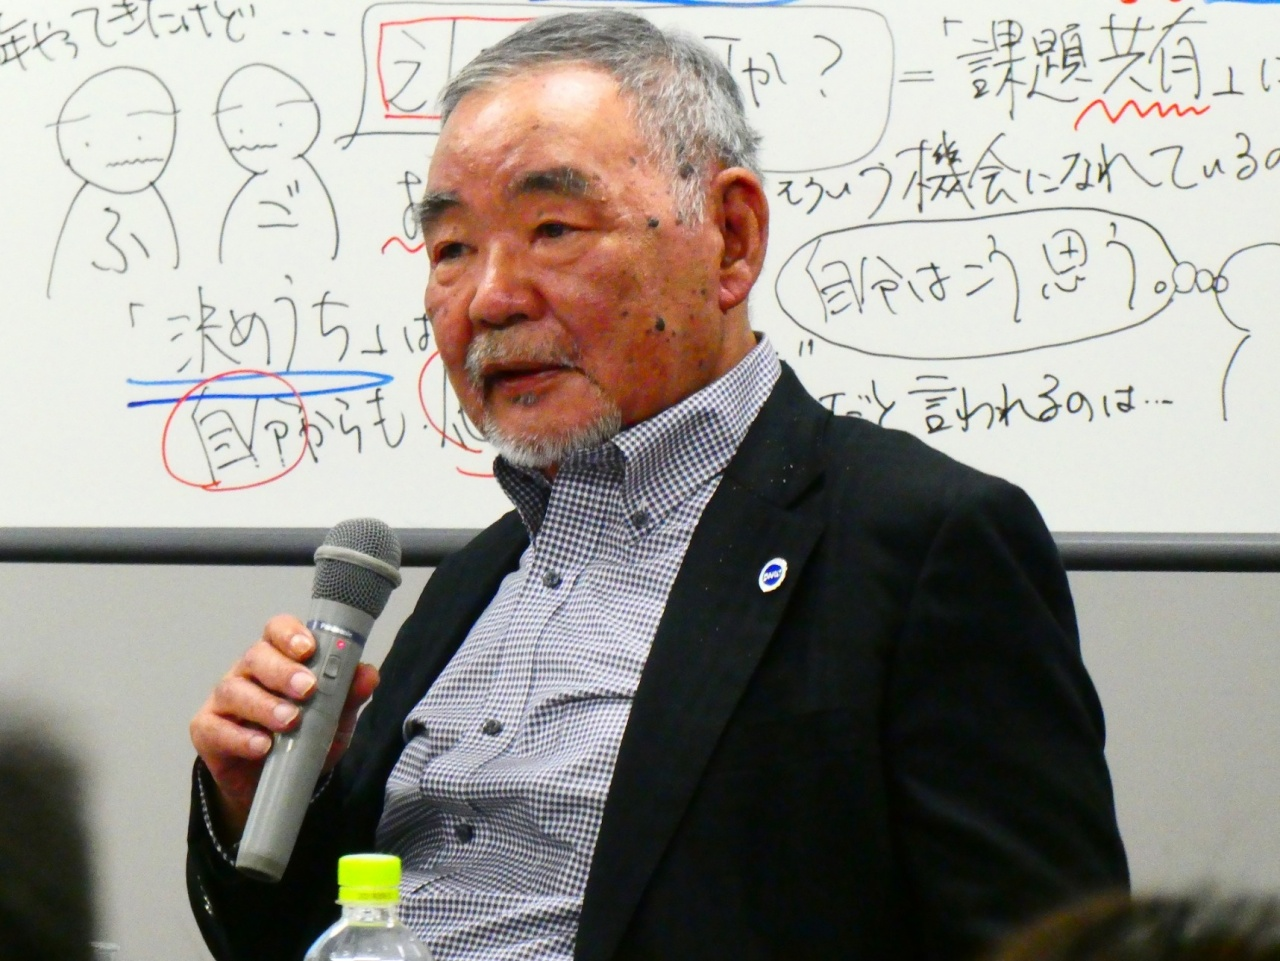 近藤恒夫氏(日本ダルク/ATA-net 顧問)